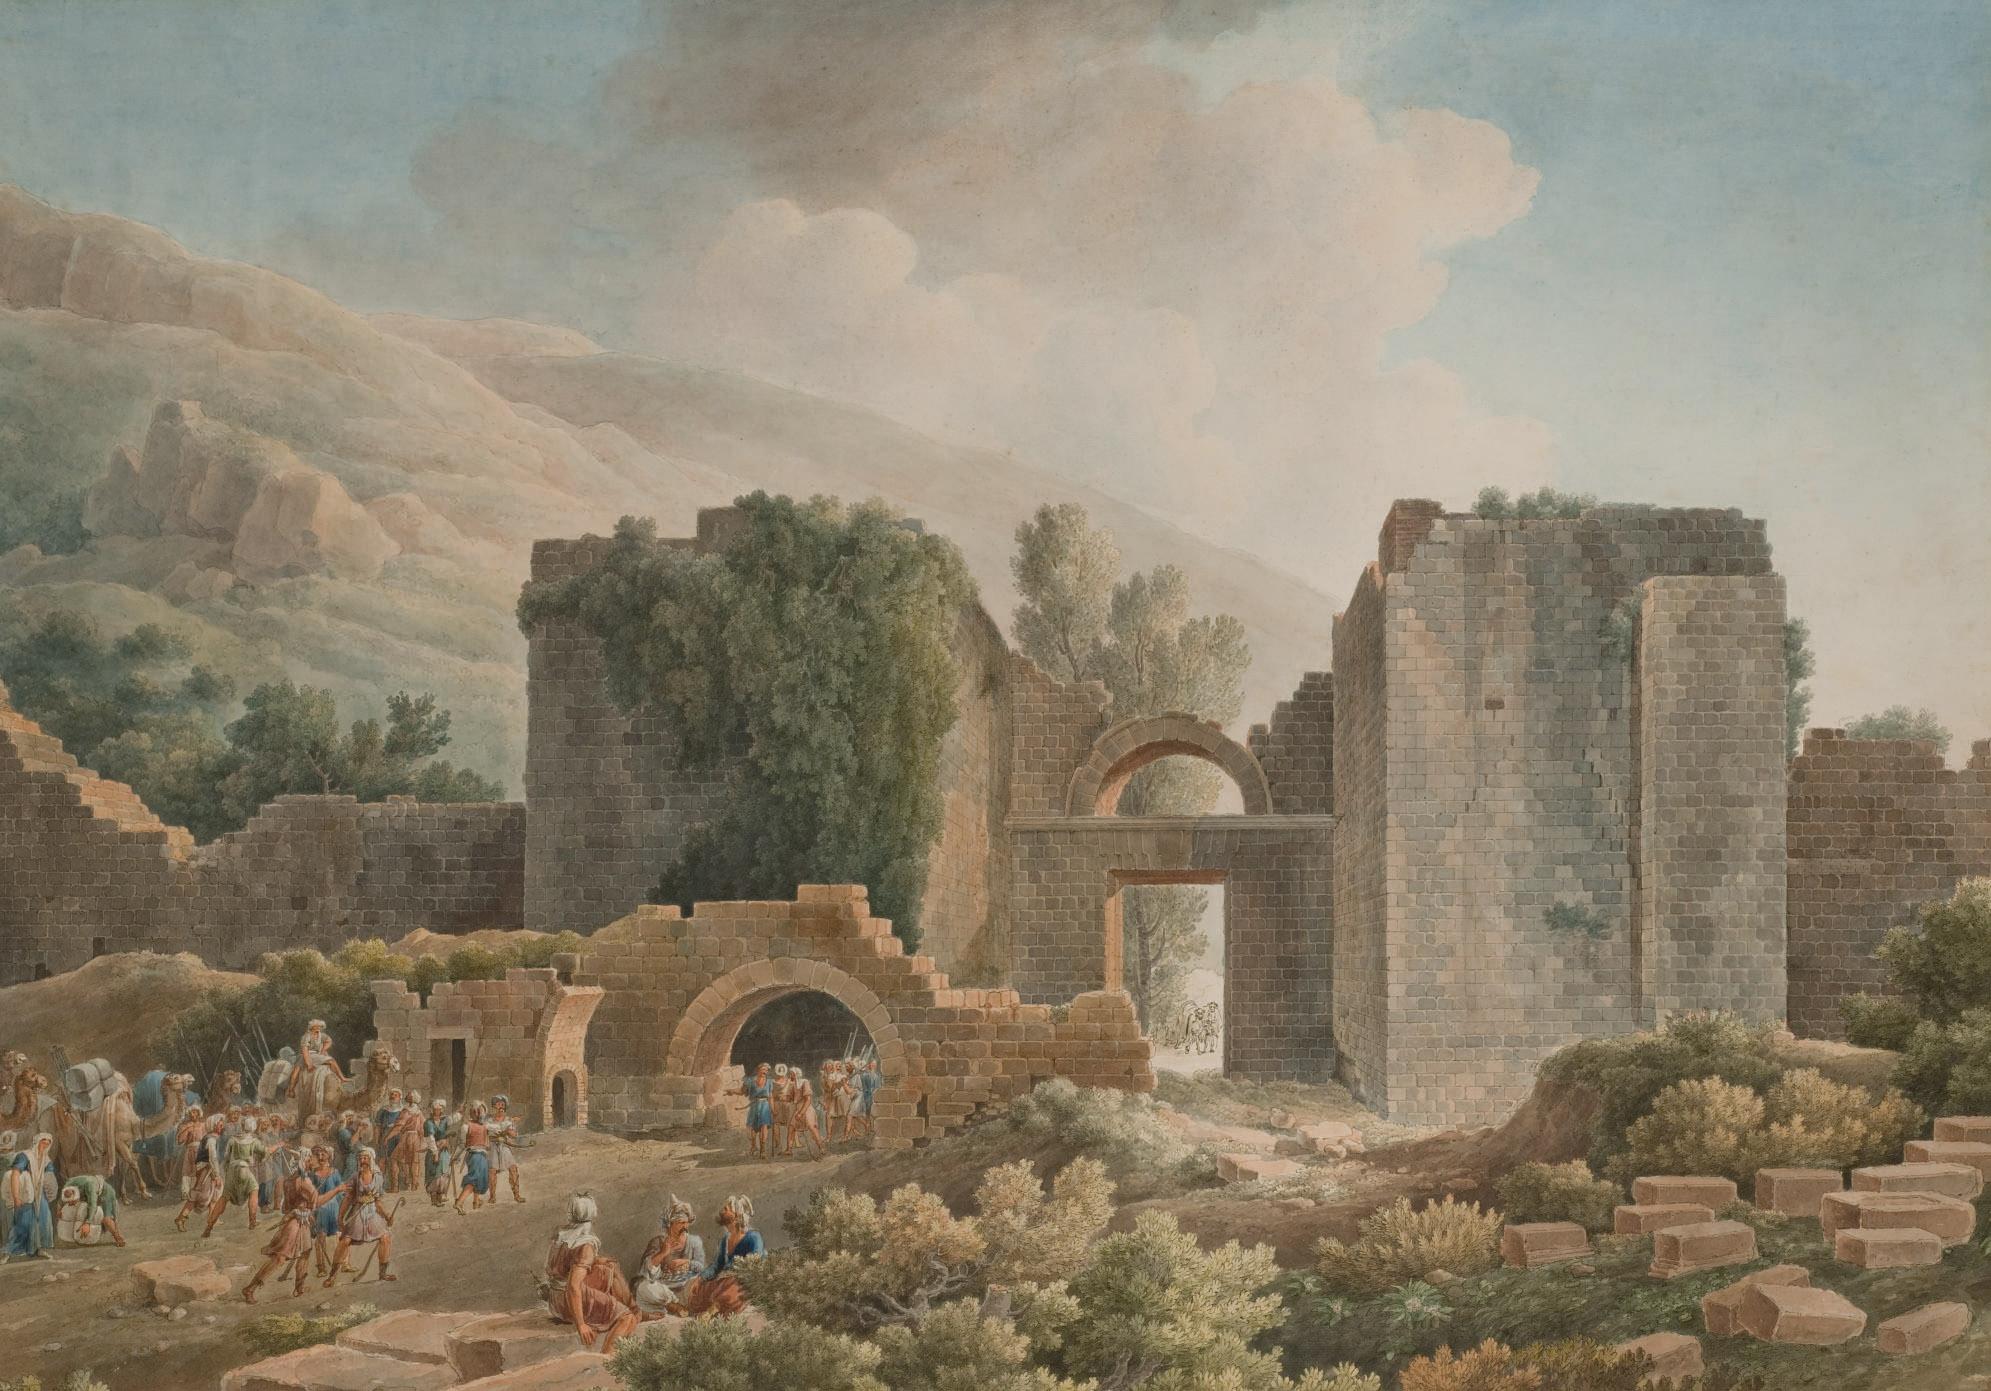 Vue présumée de la cité antique de Pergé en Turquie, un convoi d'orientaux au premier plan